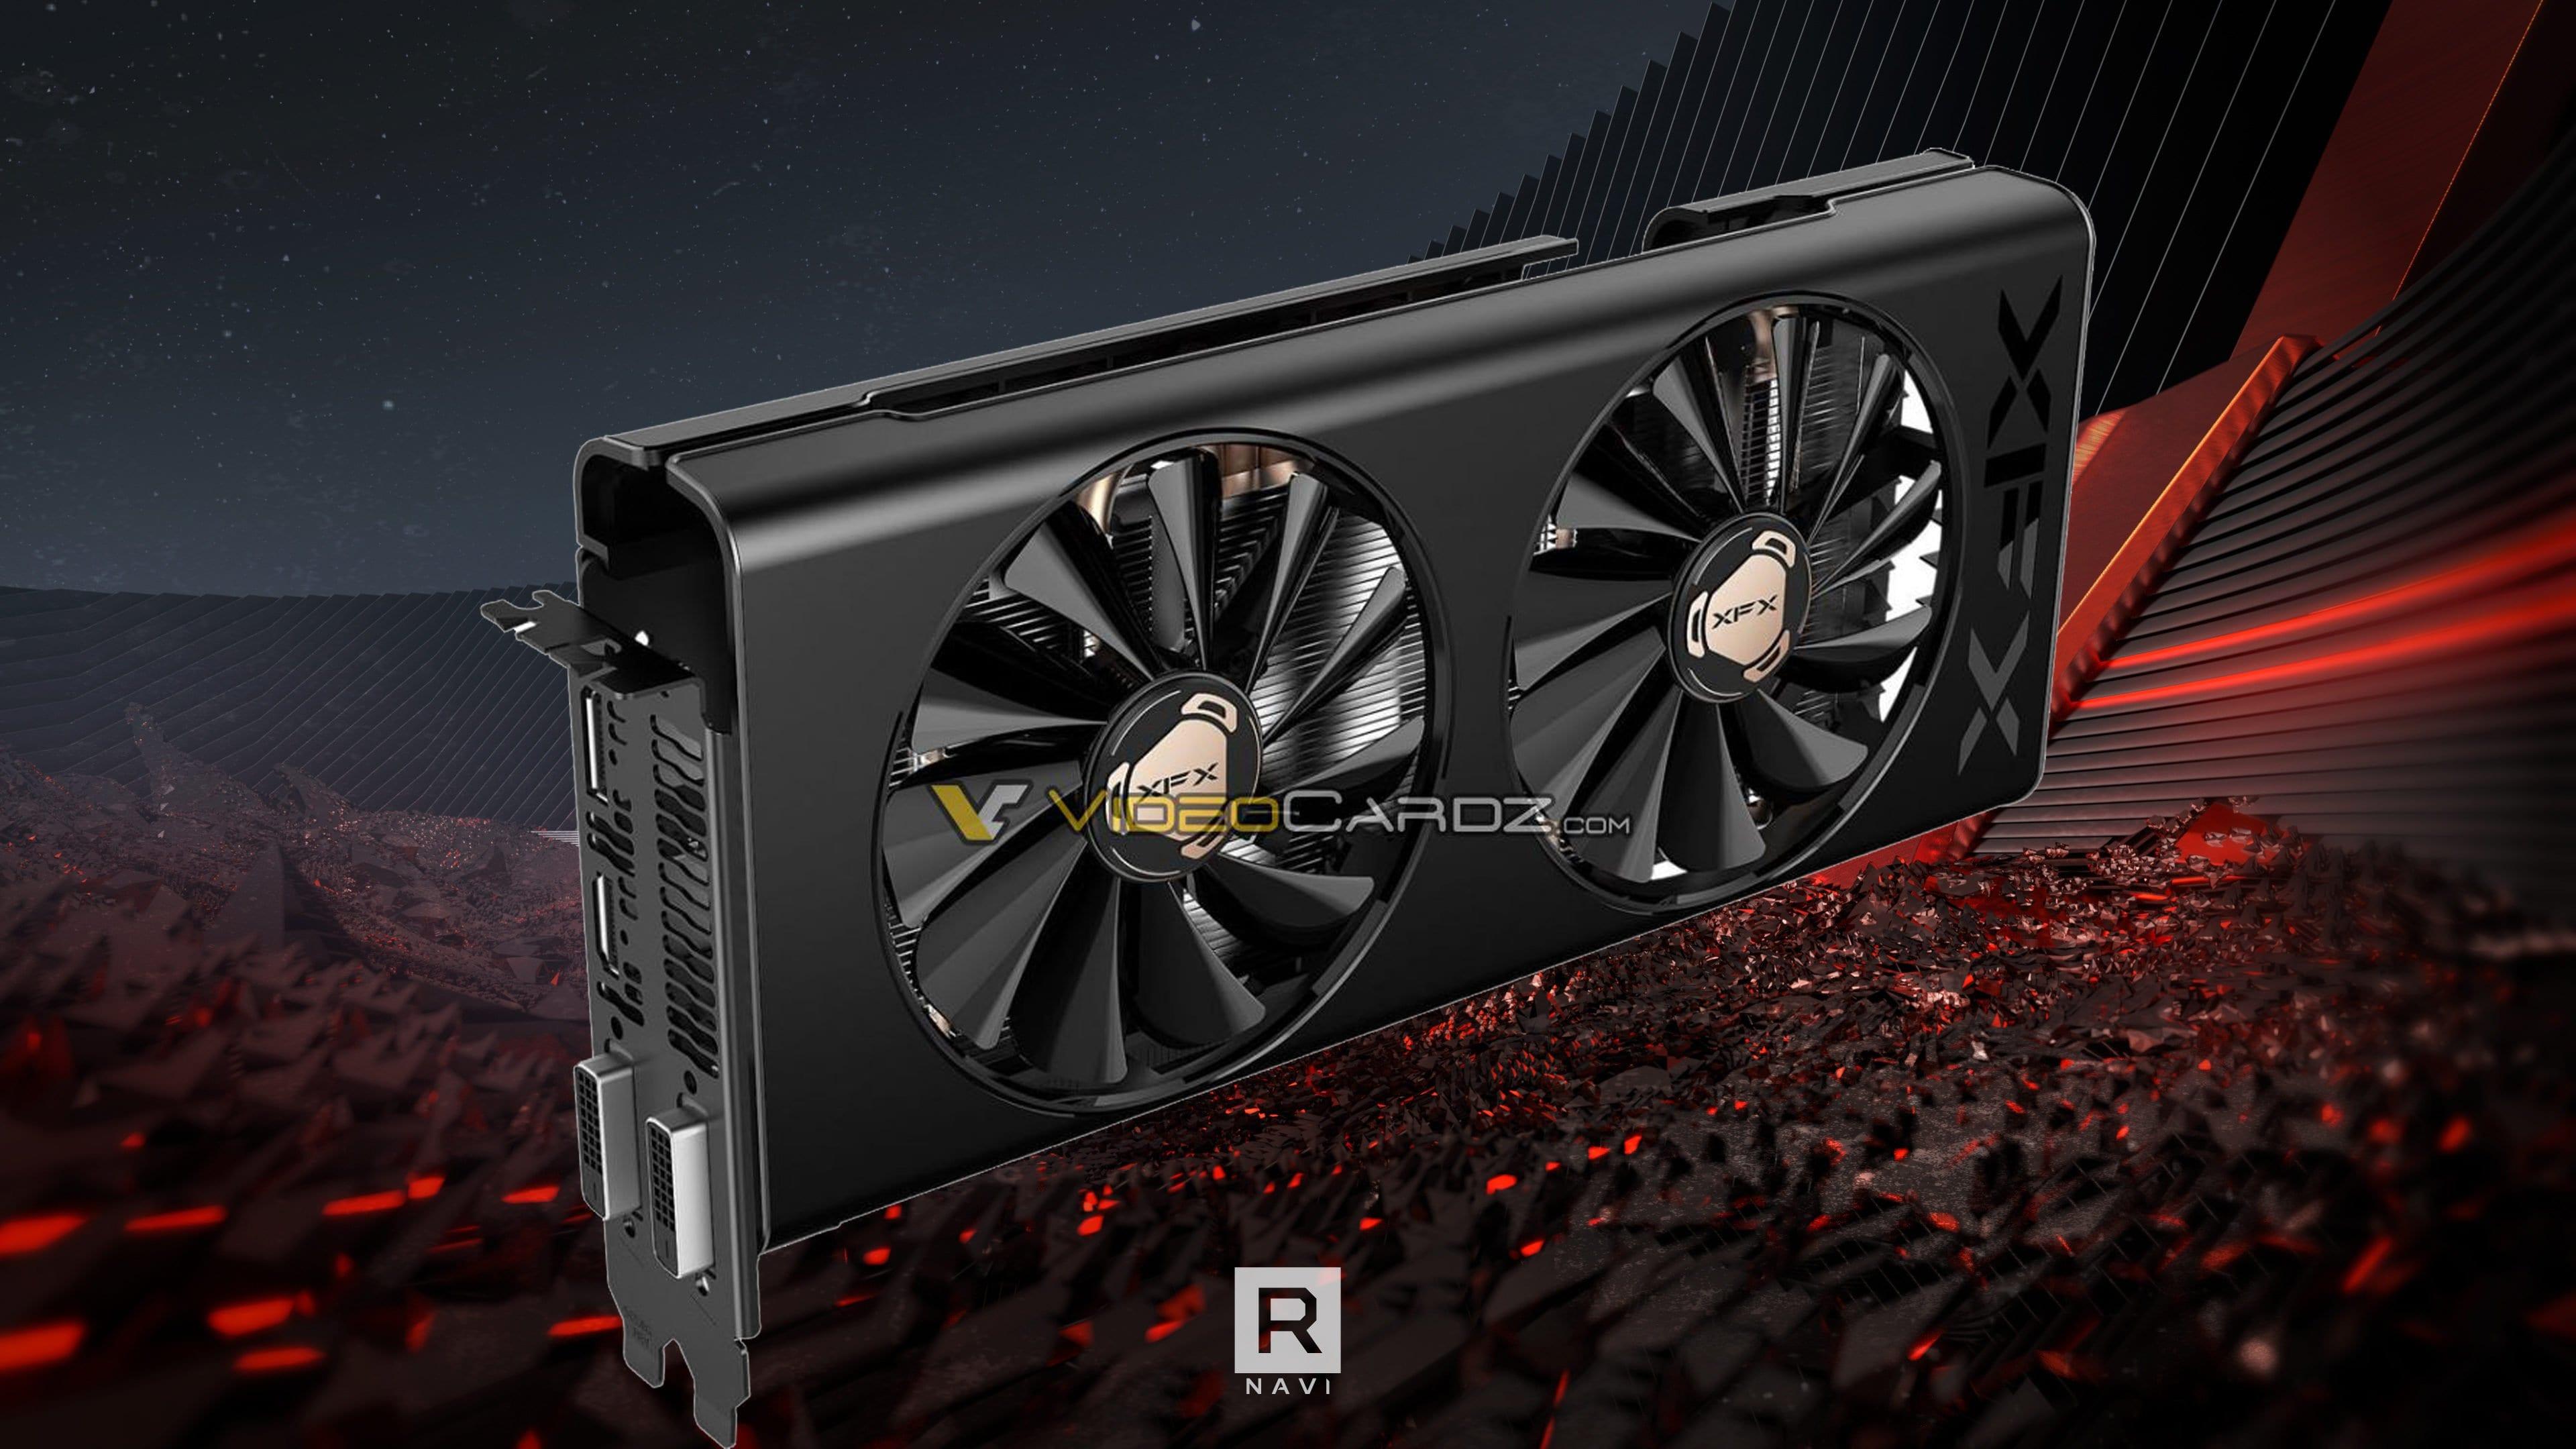 Видеокарта XFX Radeon RX 5500 THICC II будет иметь один 8-контактный разъем питания